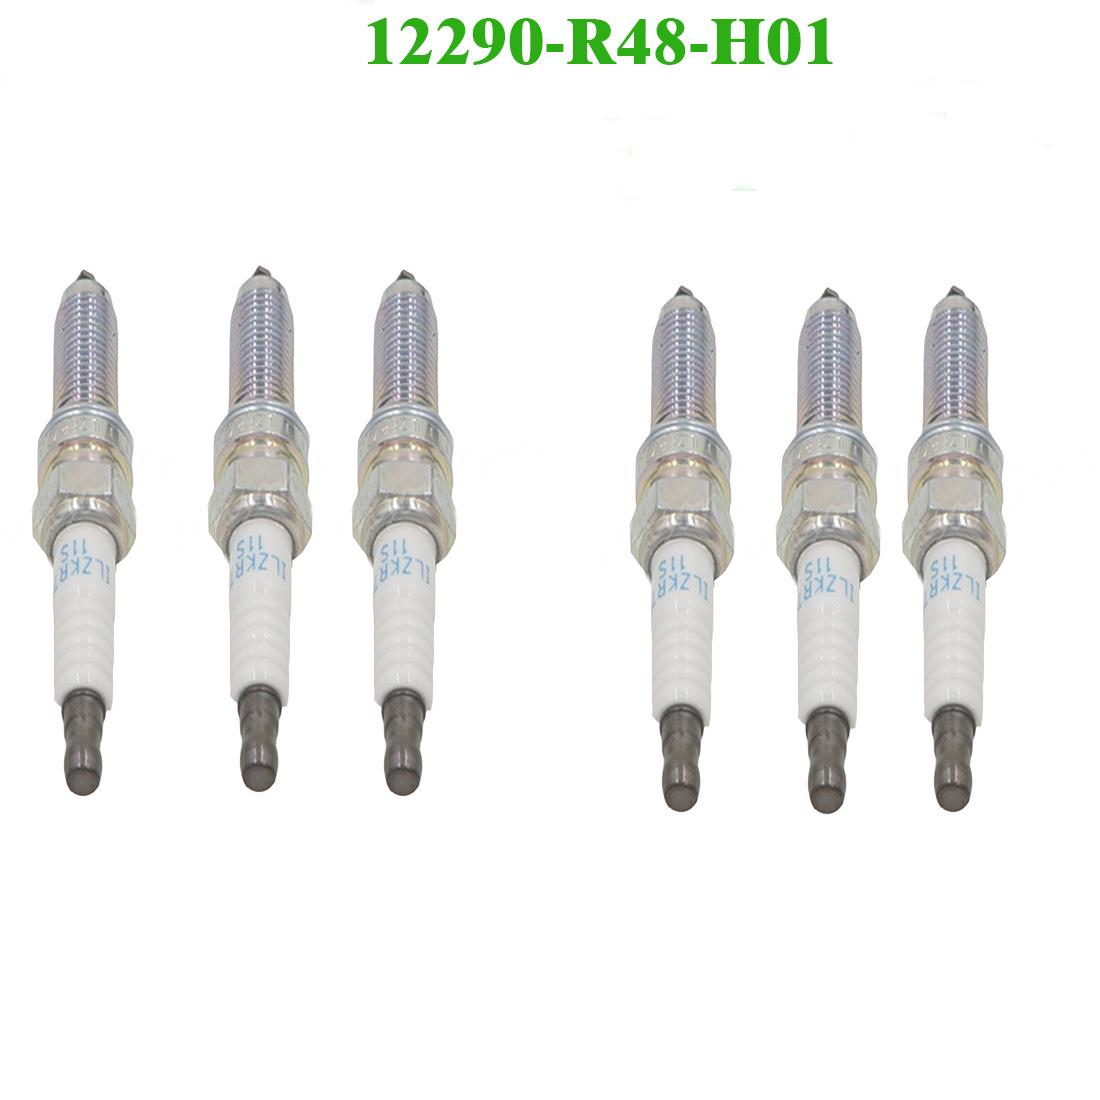 6 шт высокое качество 12290-R48-H01 подходит HONDA лазер ИК свеча зажигания NGK 5787 ILZKR7B11S